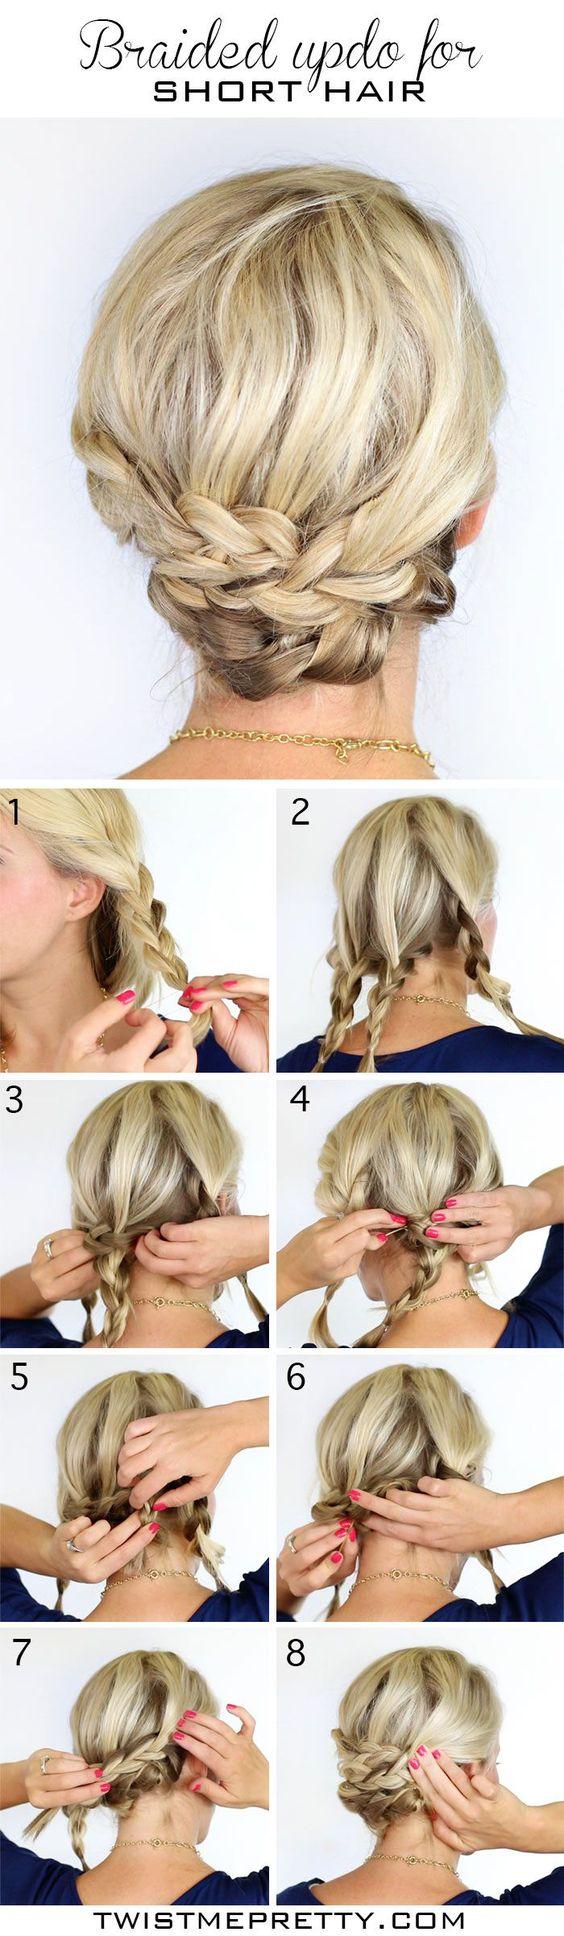 Hello les girls! Alors comme promis et pour répondre à une majorité d'entre vous, astuces de filles vous propose 5 tutoriels coiffures très simples à reproduire chez vous! Et oui,...